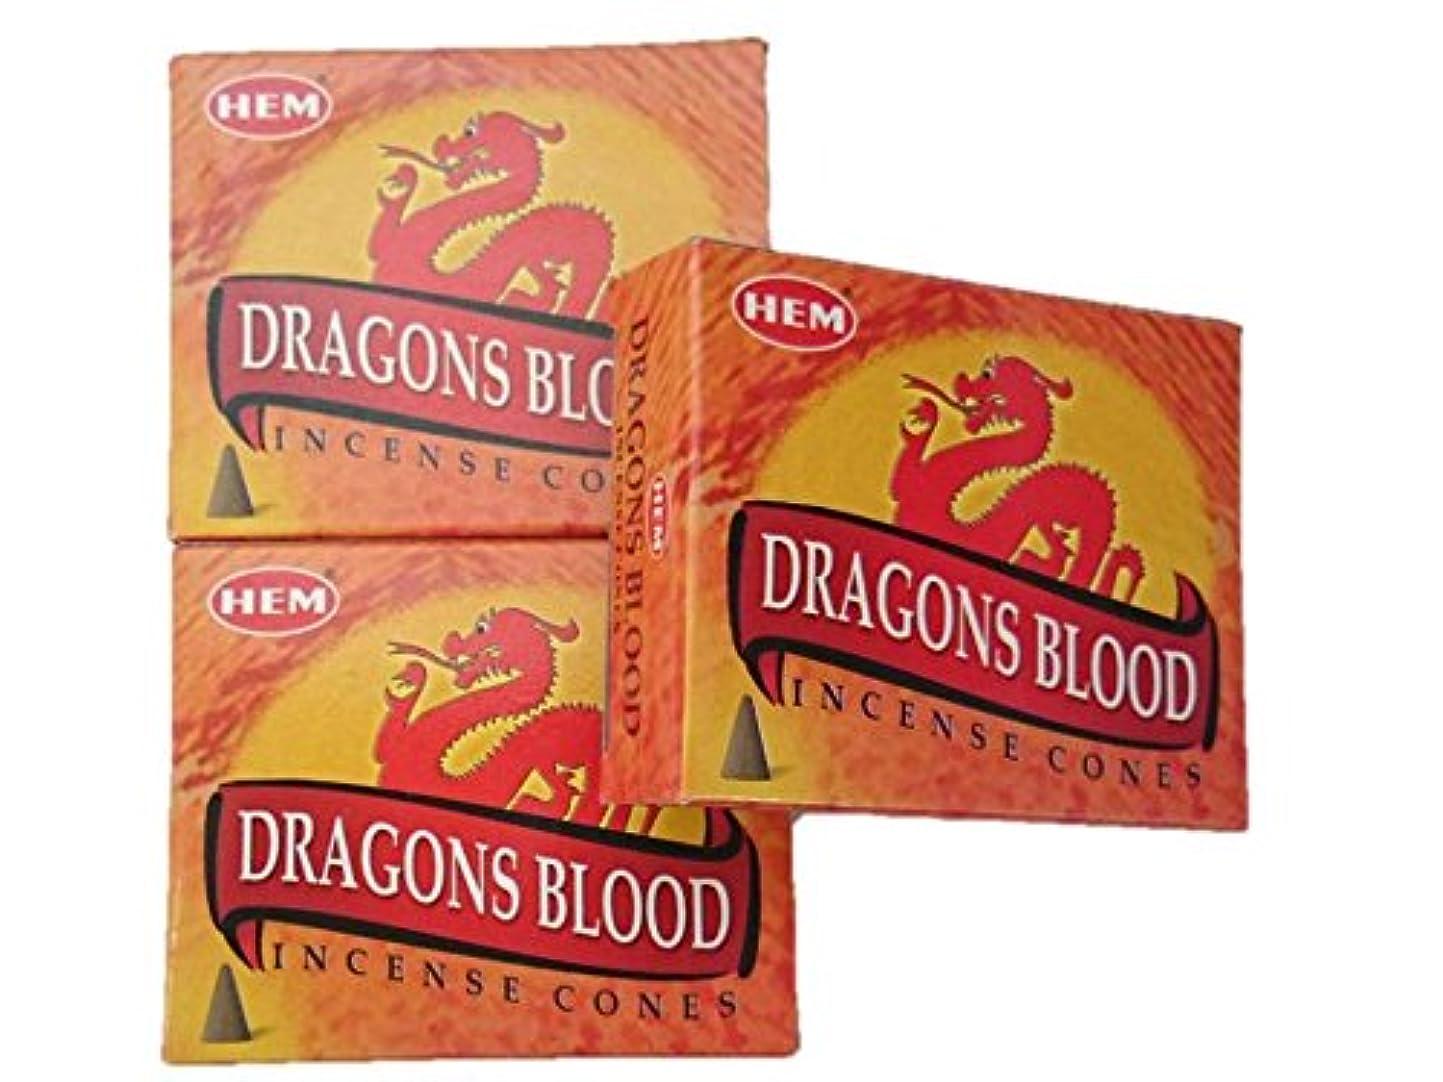 愛する面積プランターHEM(ヘム)お香 ドラゴンズ ブラッド コーン 3個セット